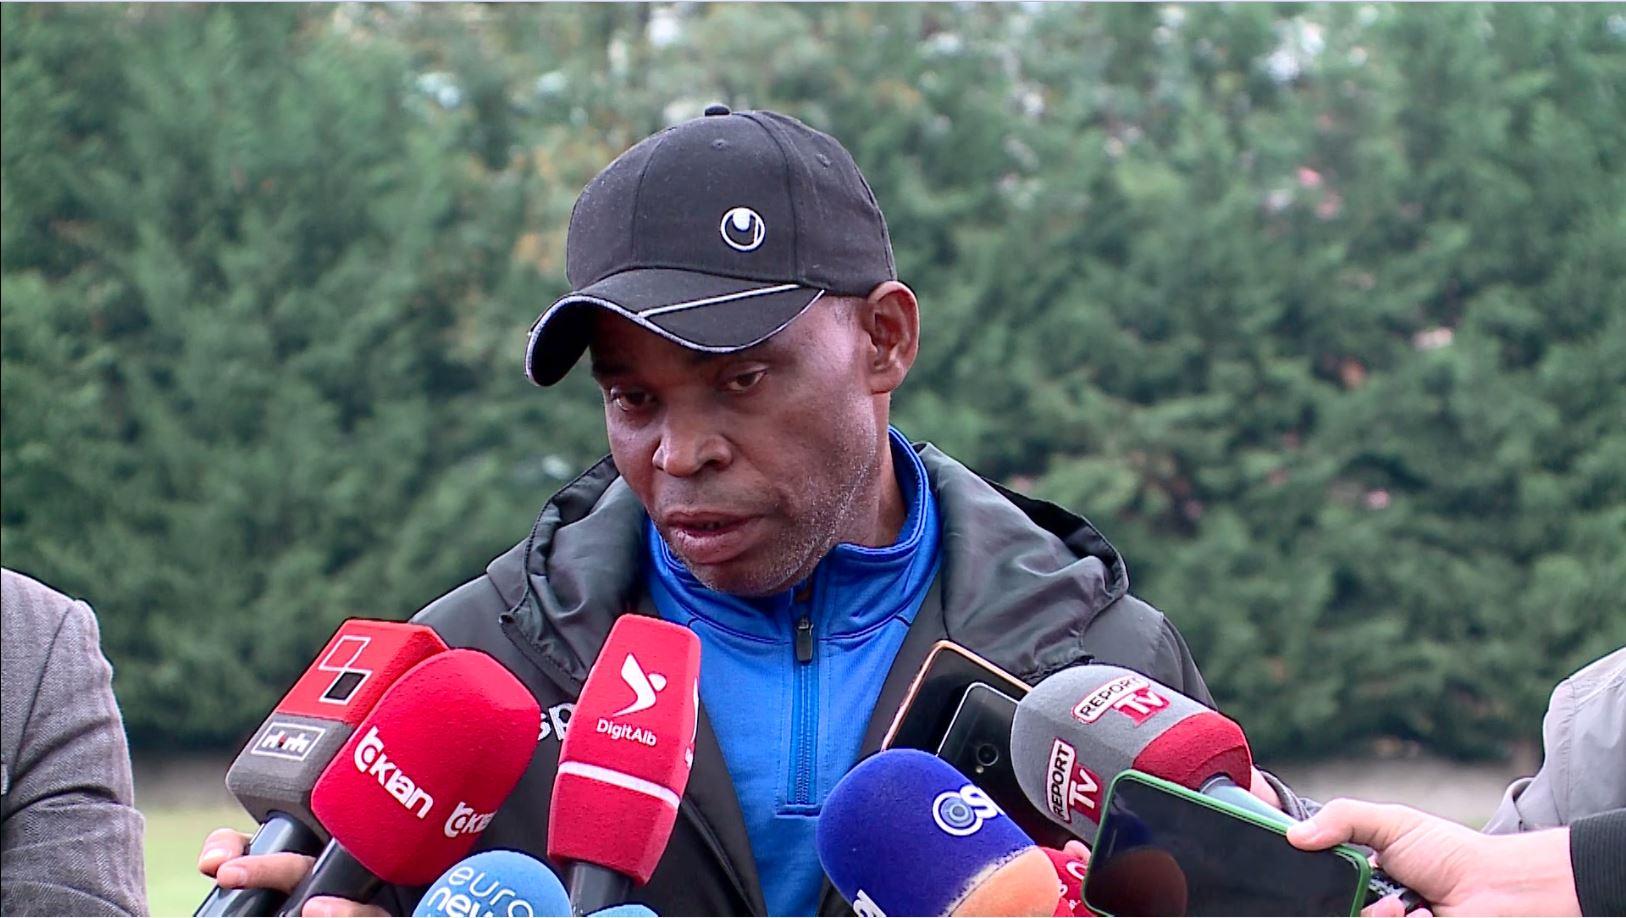 Egbo: Shkruanin se kishim mbaruar, i befasuam gazetarët! Largimi? Asnjë keqardhje